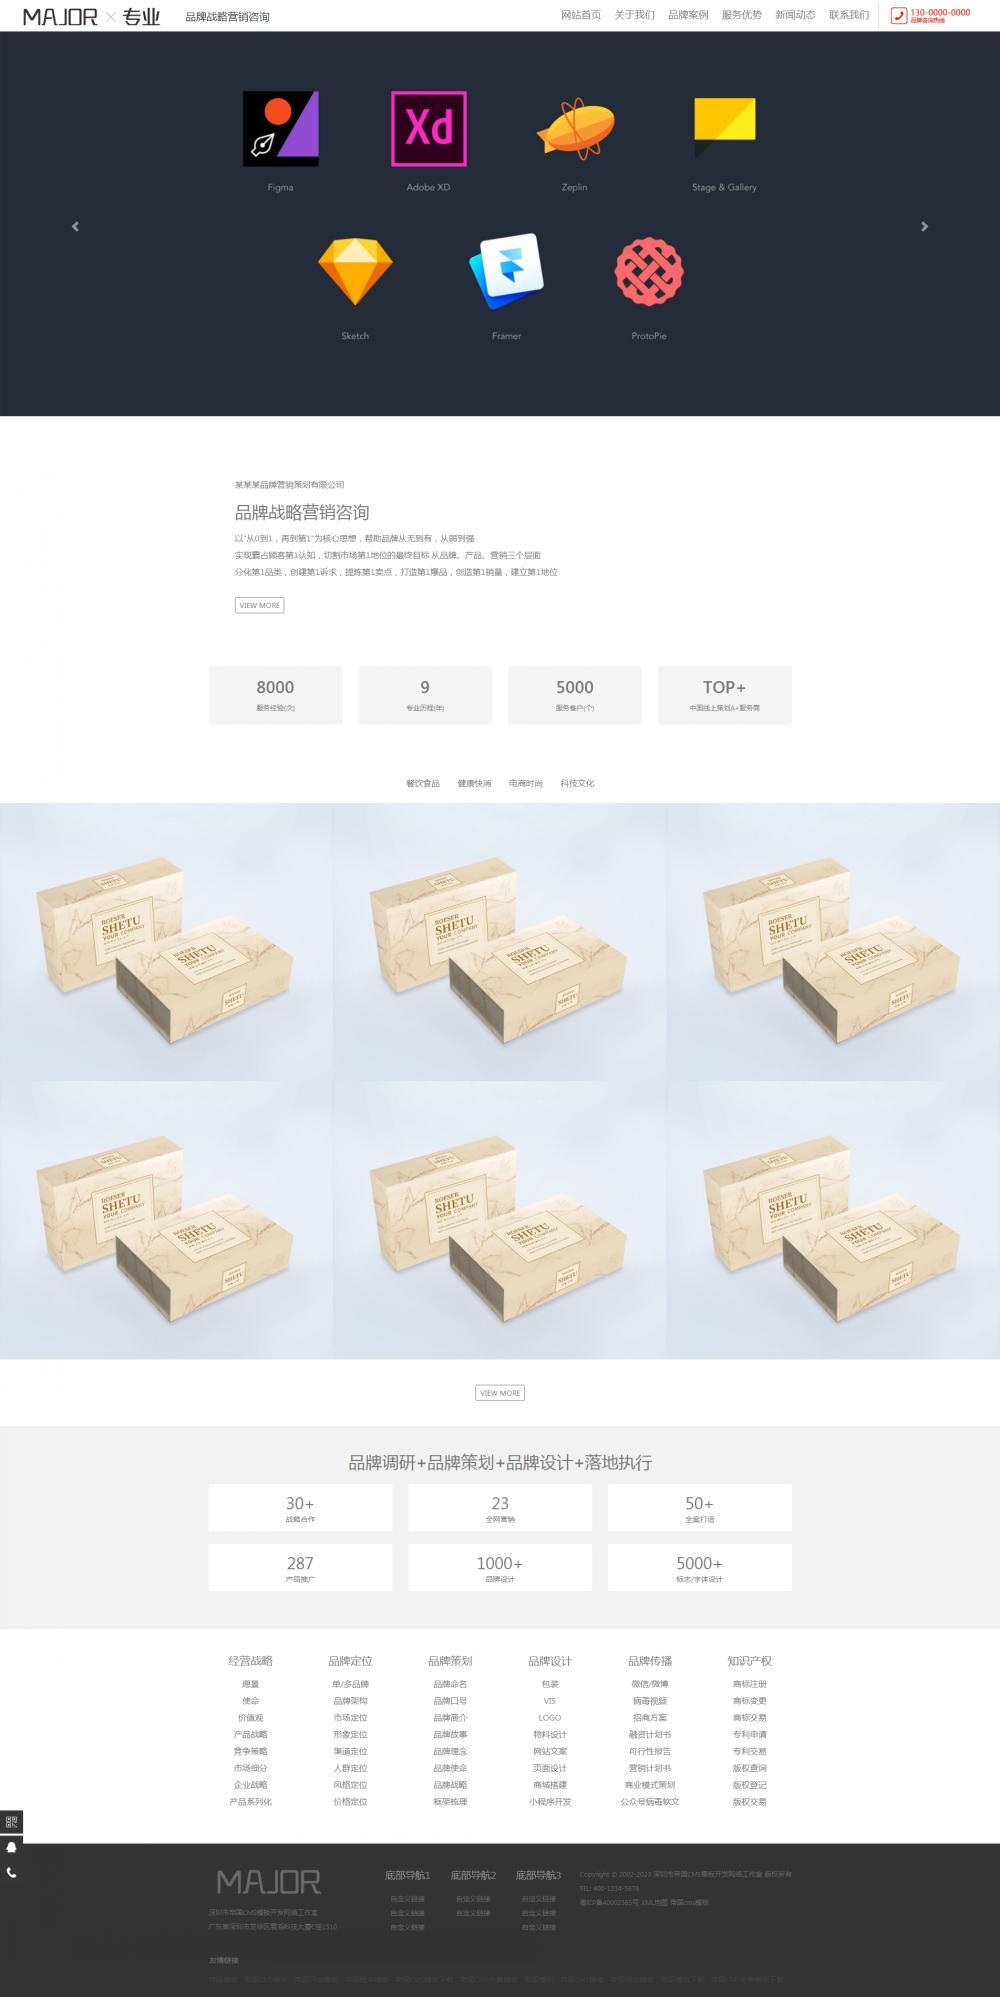 1网站首页.png [DG-116]响应式品牌战略营销设计帝国mcs模板 HTML5品牌策划设计类帝国网站源码 企业模板 第1张